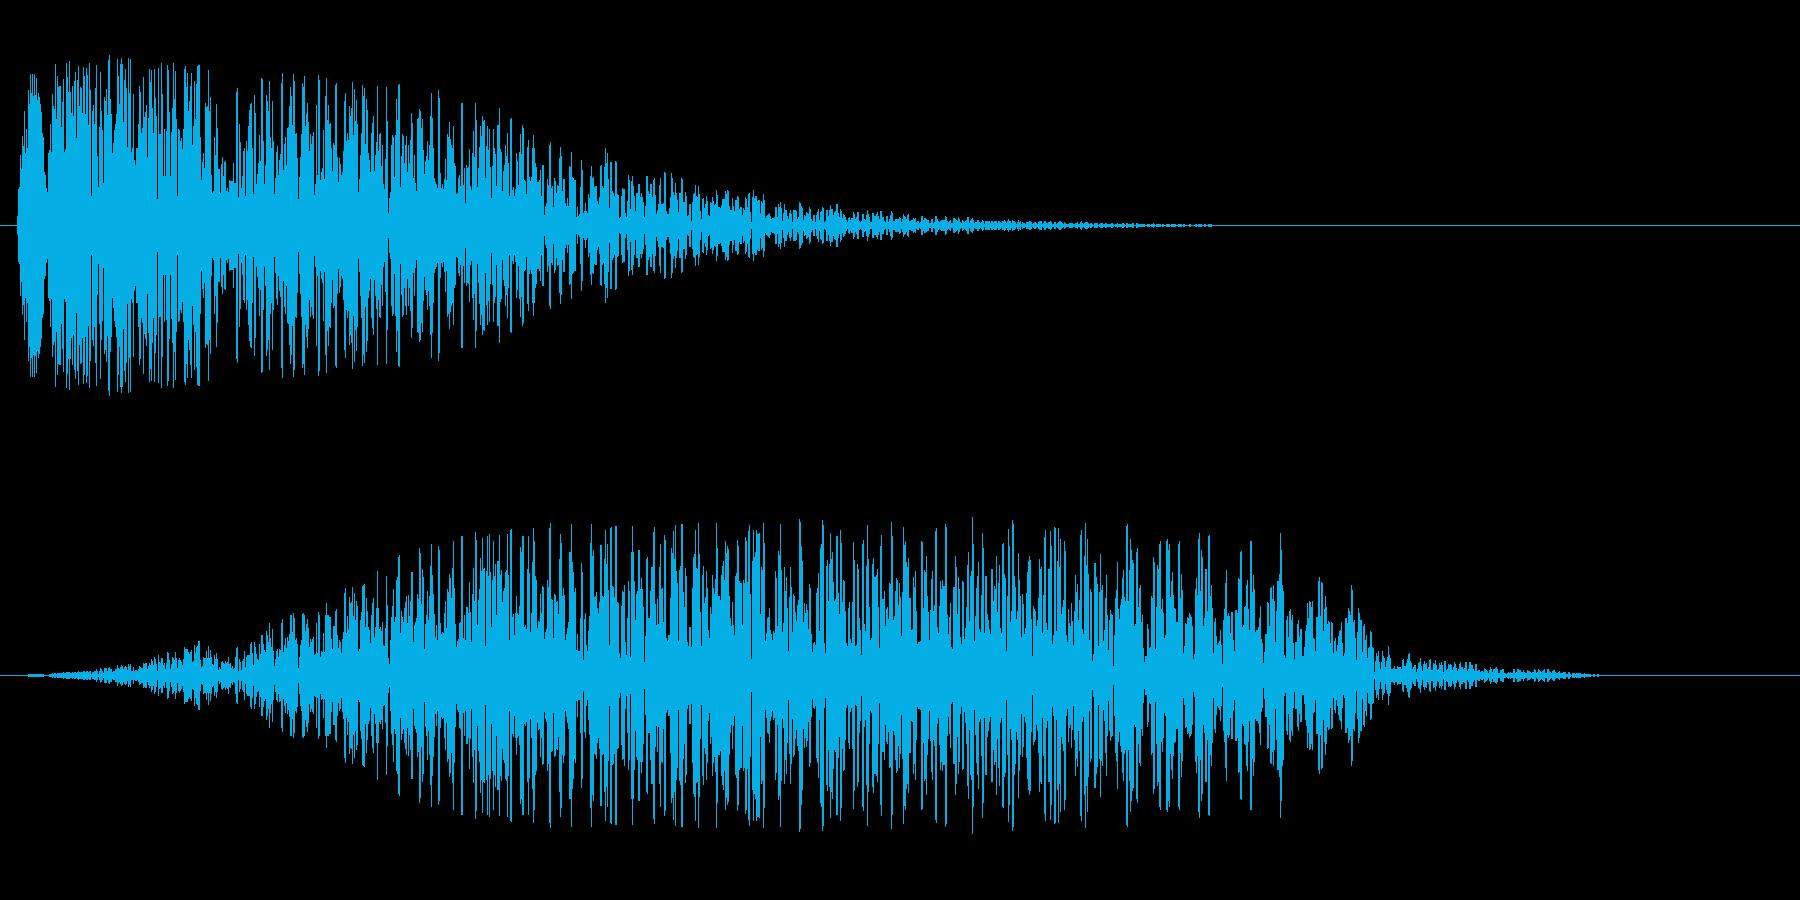 シューン(機械的な通過音)の再生済みの波形